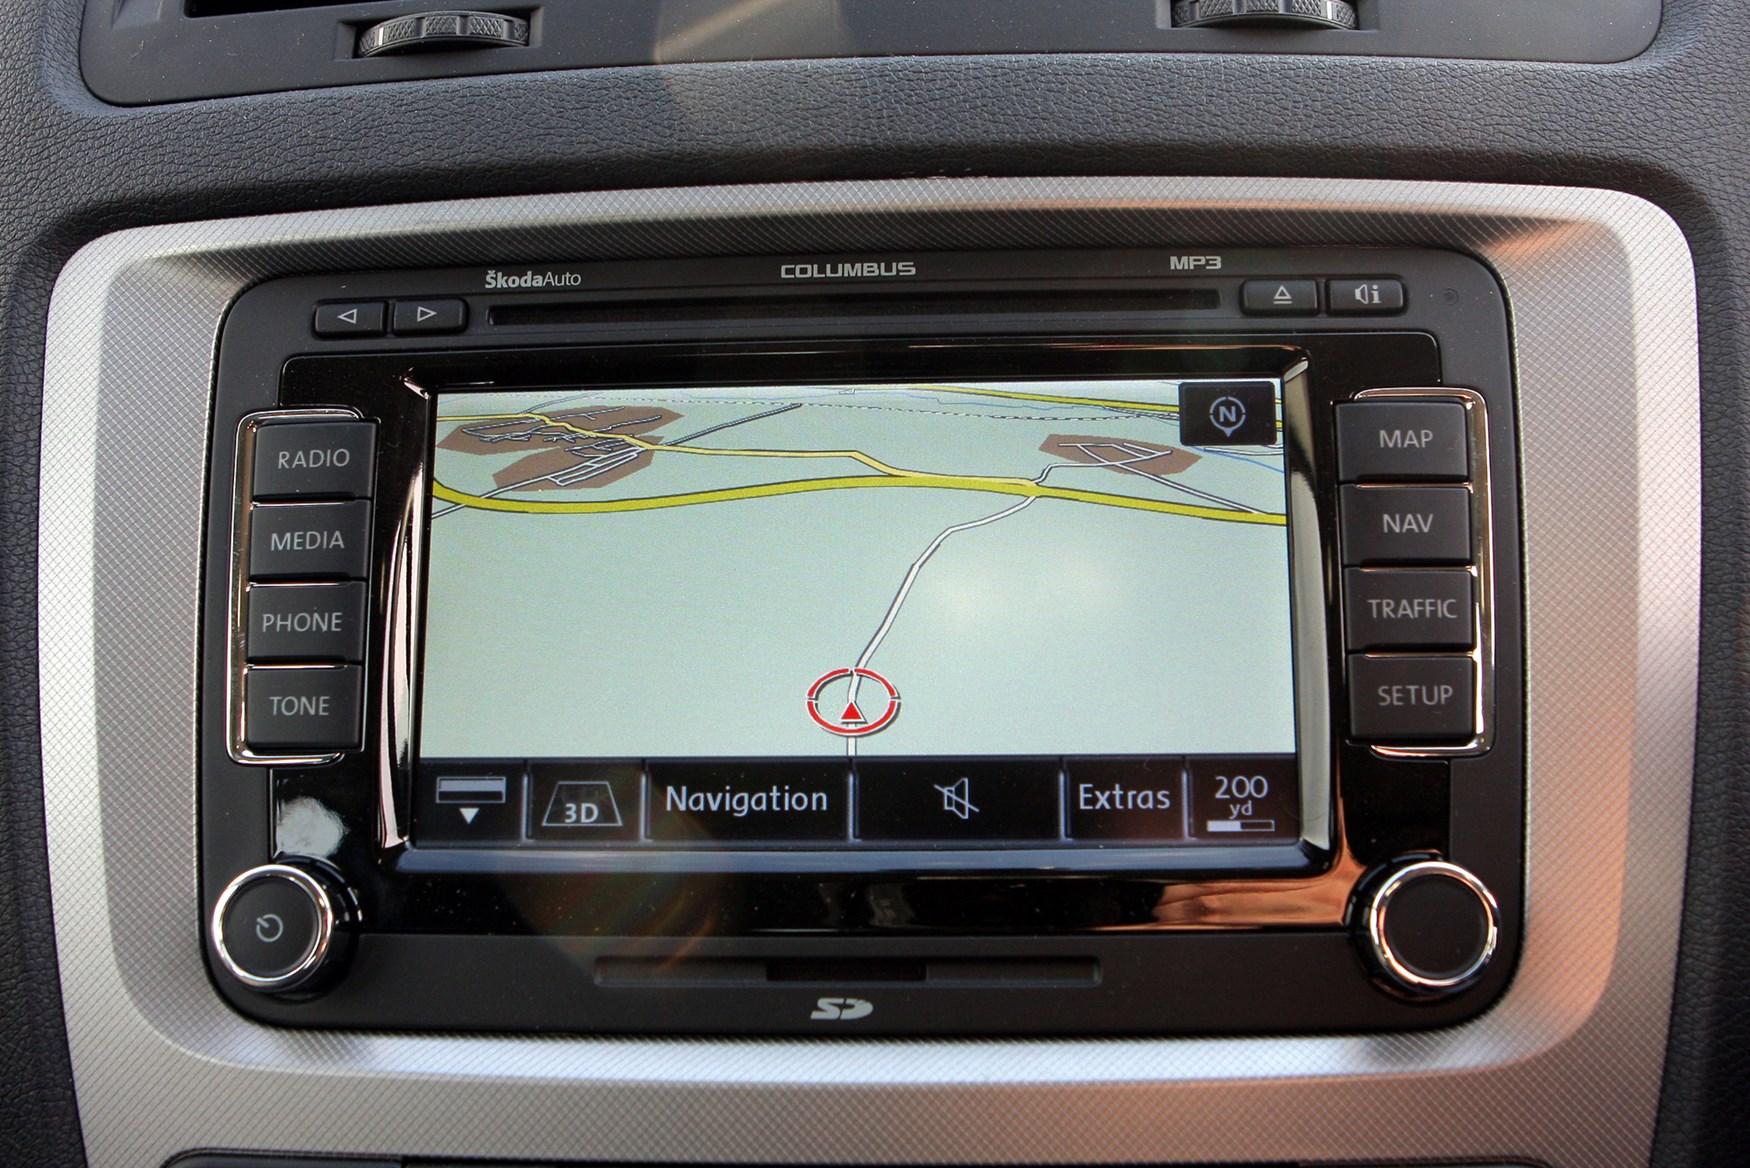 Used Skoda Octavia Hatchback (2004 - 2012) Review | Parkers